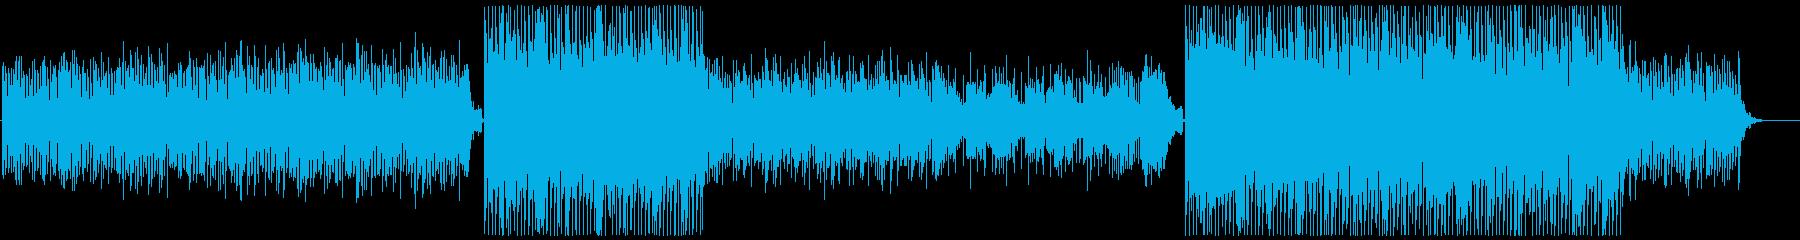 エレクトロ-PV-ハウス-穏やか-クールの再生済みの波形